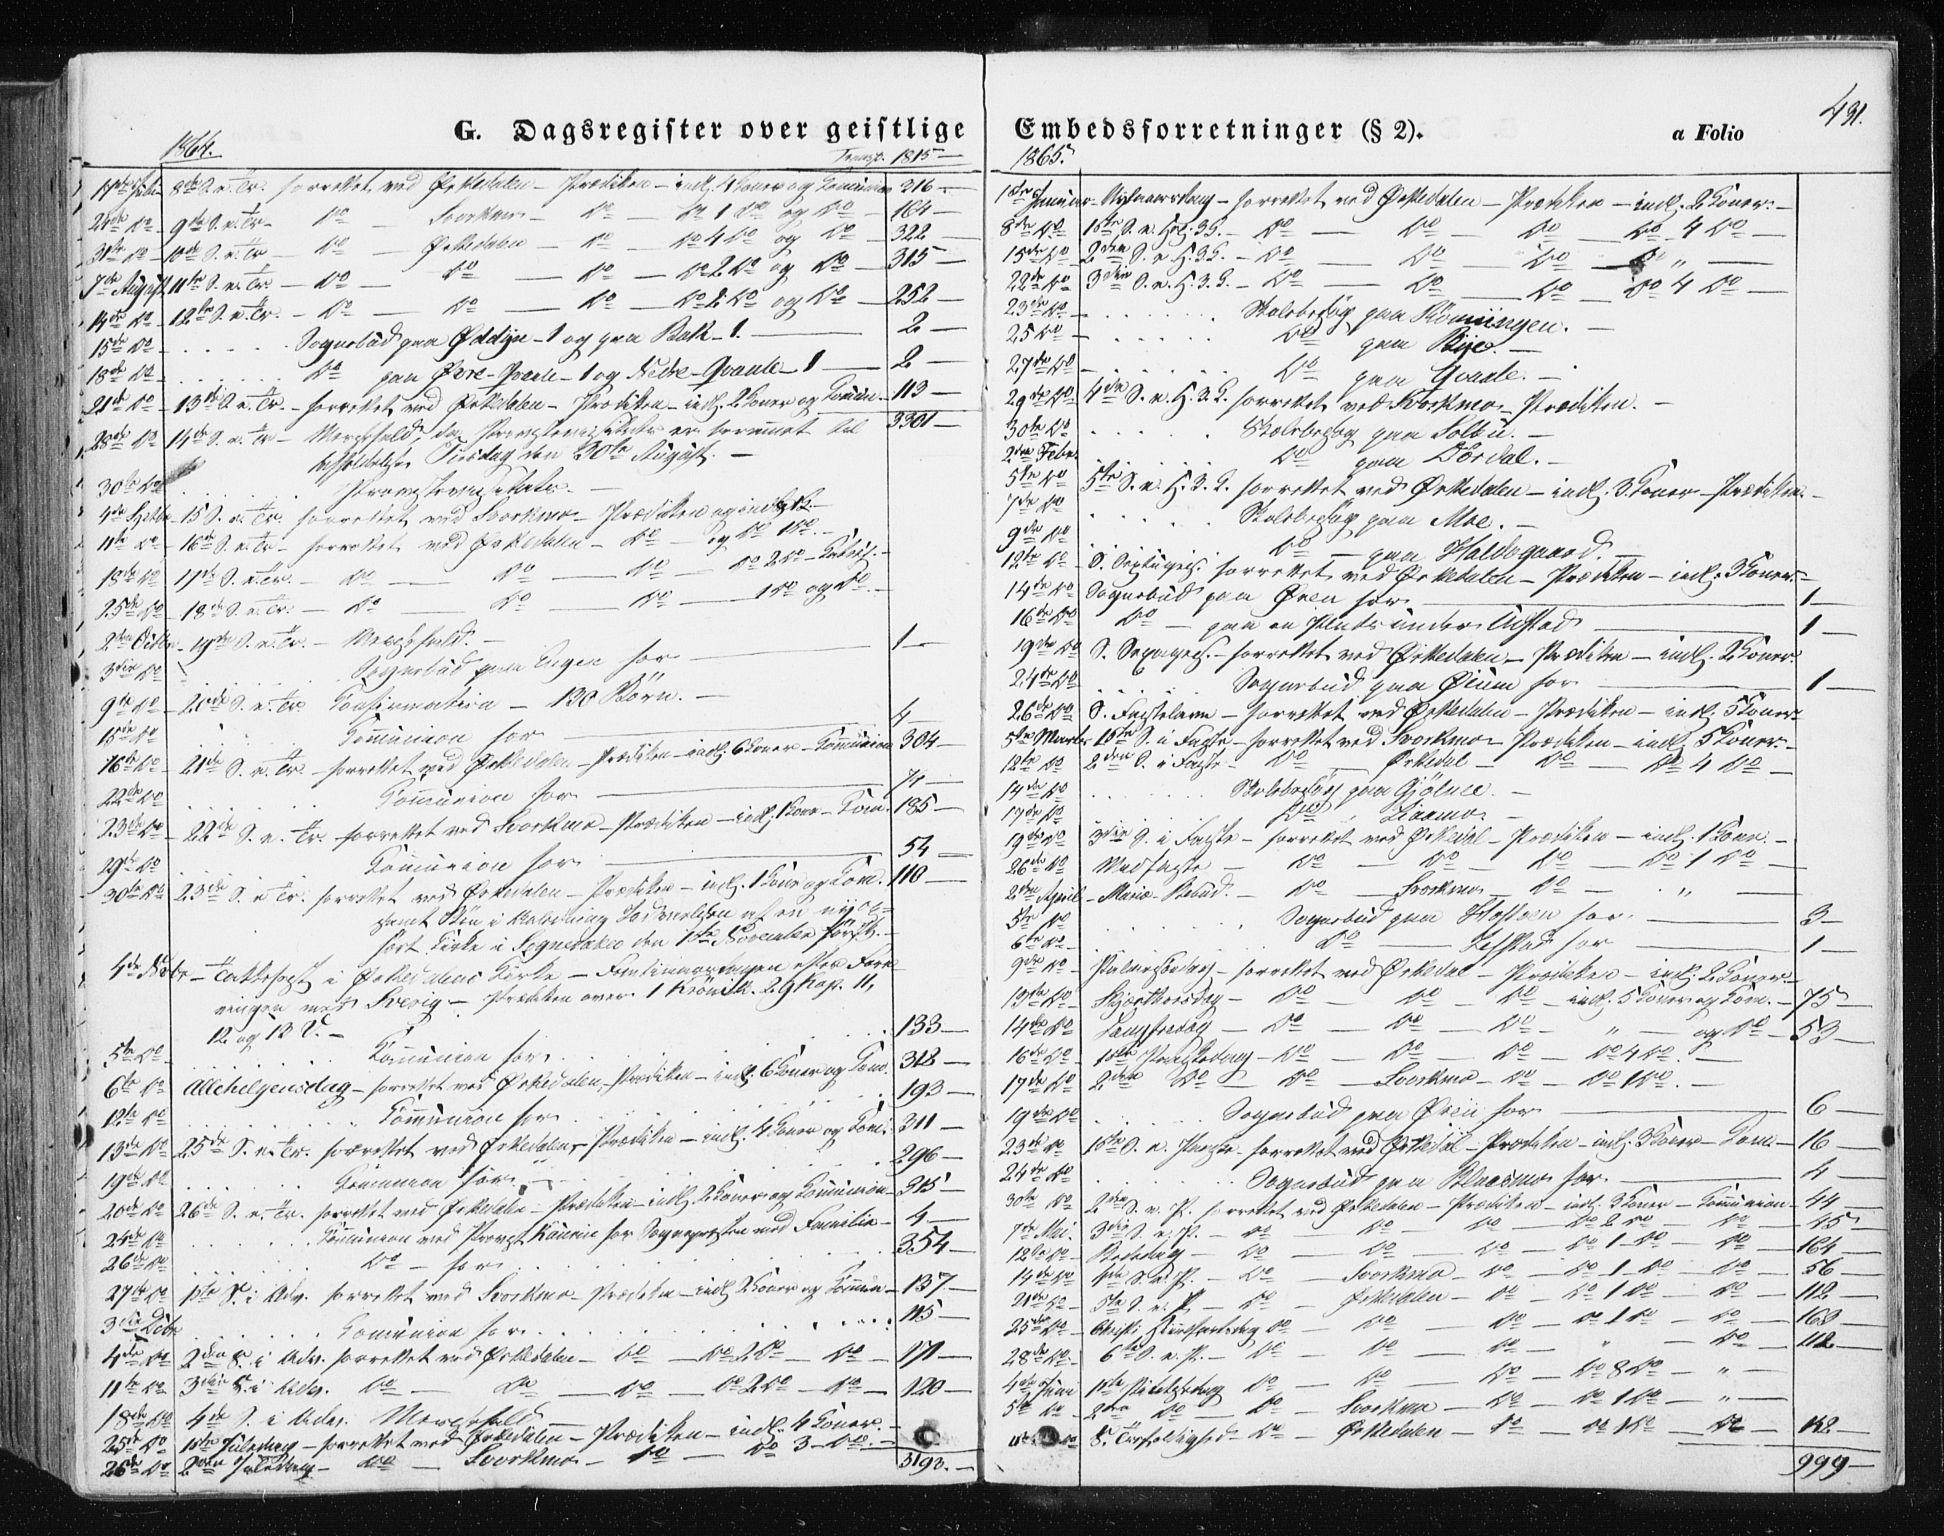 SAT, Ministerialprotokoller, klokkerbøker og fødselsregistre - Sør-Trøndelag, 668/L0806: Ministerialbok nr. 668A06, 1854-1869, s. 431